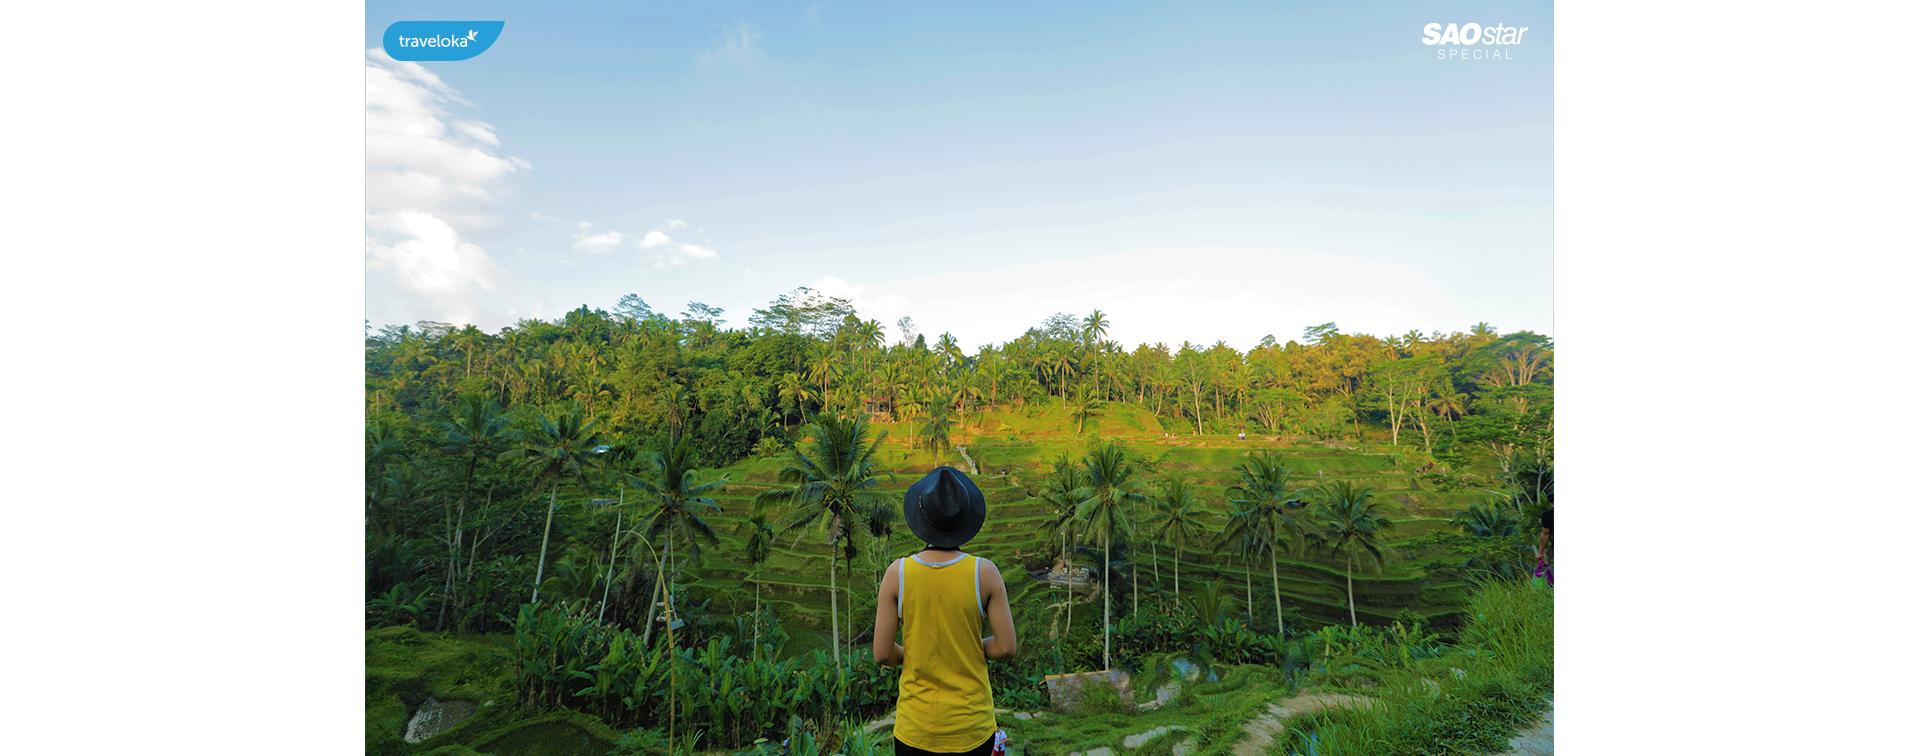 Bạn đã sẵn sàng cùng Traveloka 'xung trận' tại 3 điểm đến thiên đường 'hot' nhất năm?